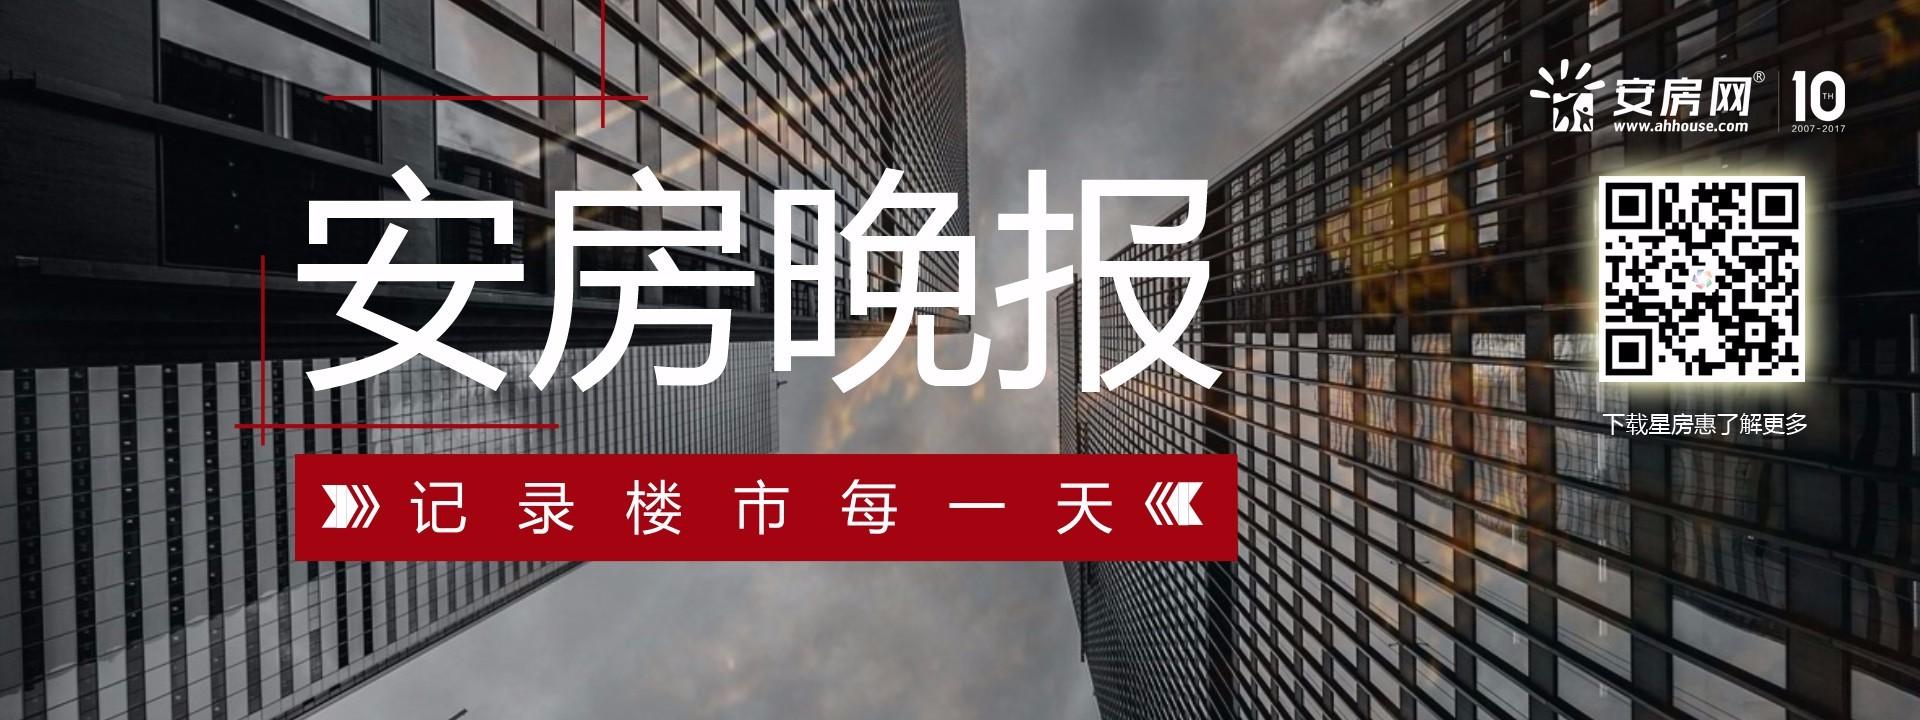 2.5安房网晚报:1.28至2.3安庆市住宅备案54套